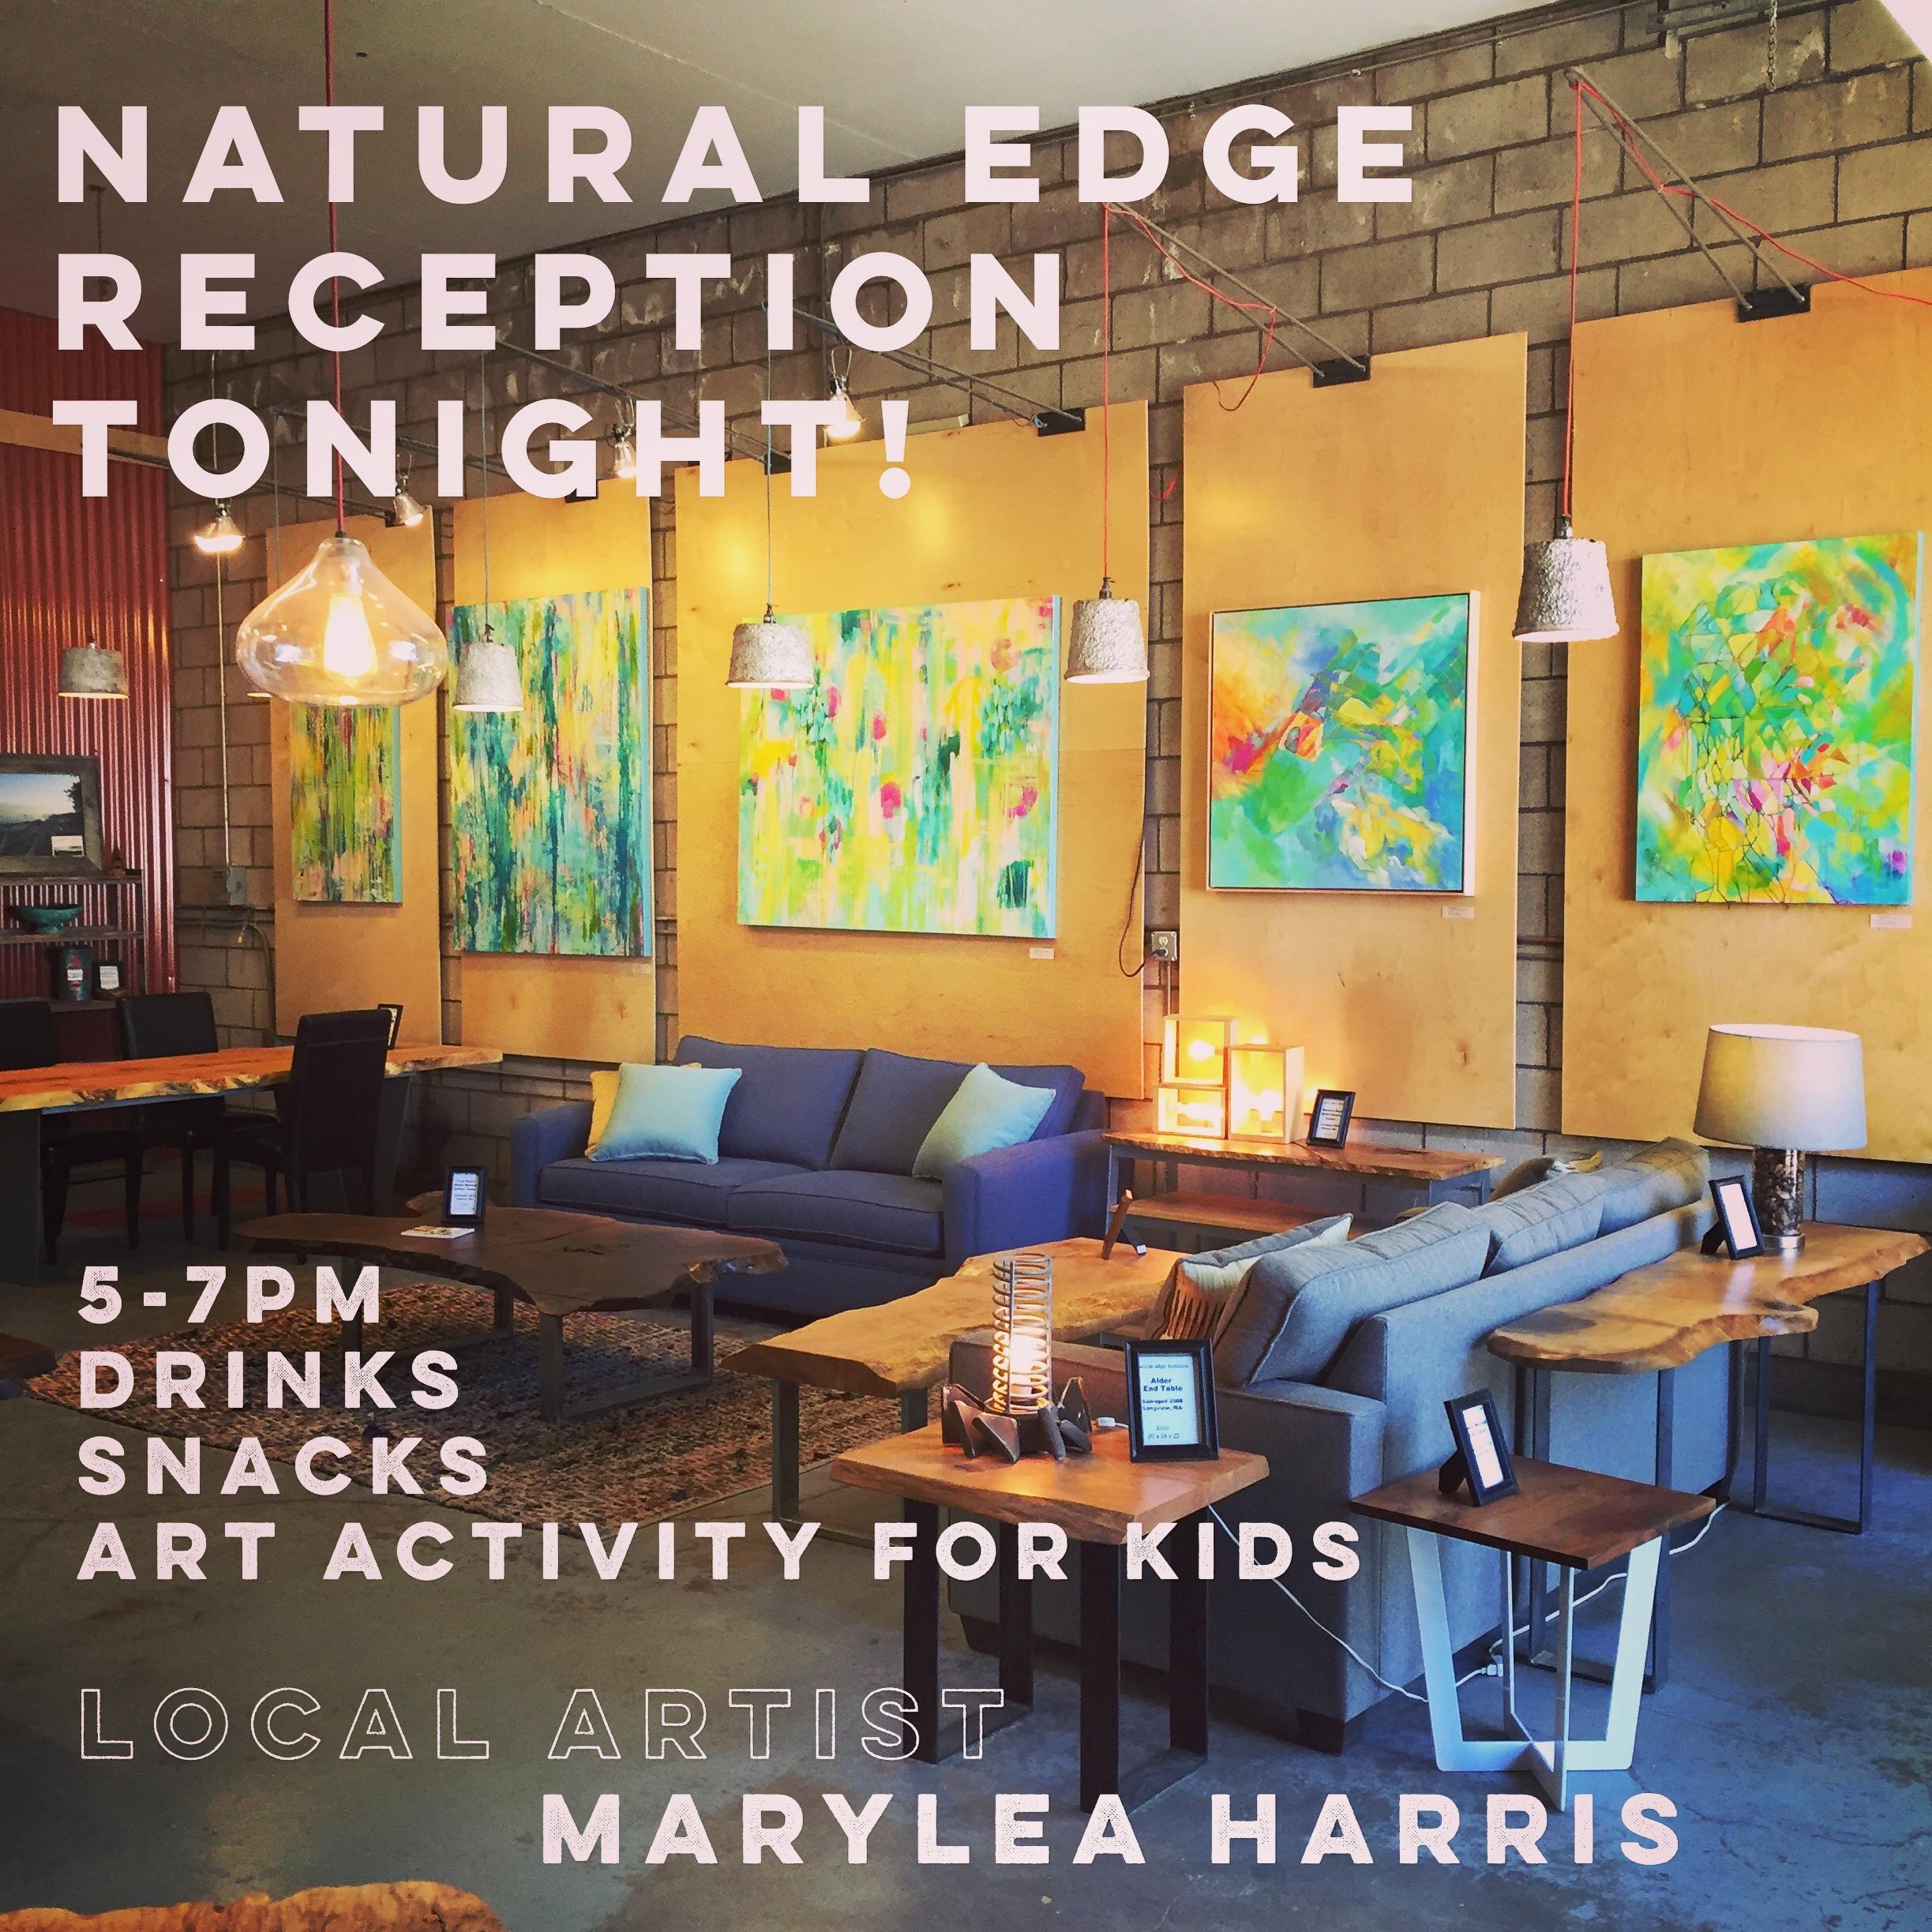 NaturalEdgeArtShowMaryLeaHarris10